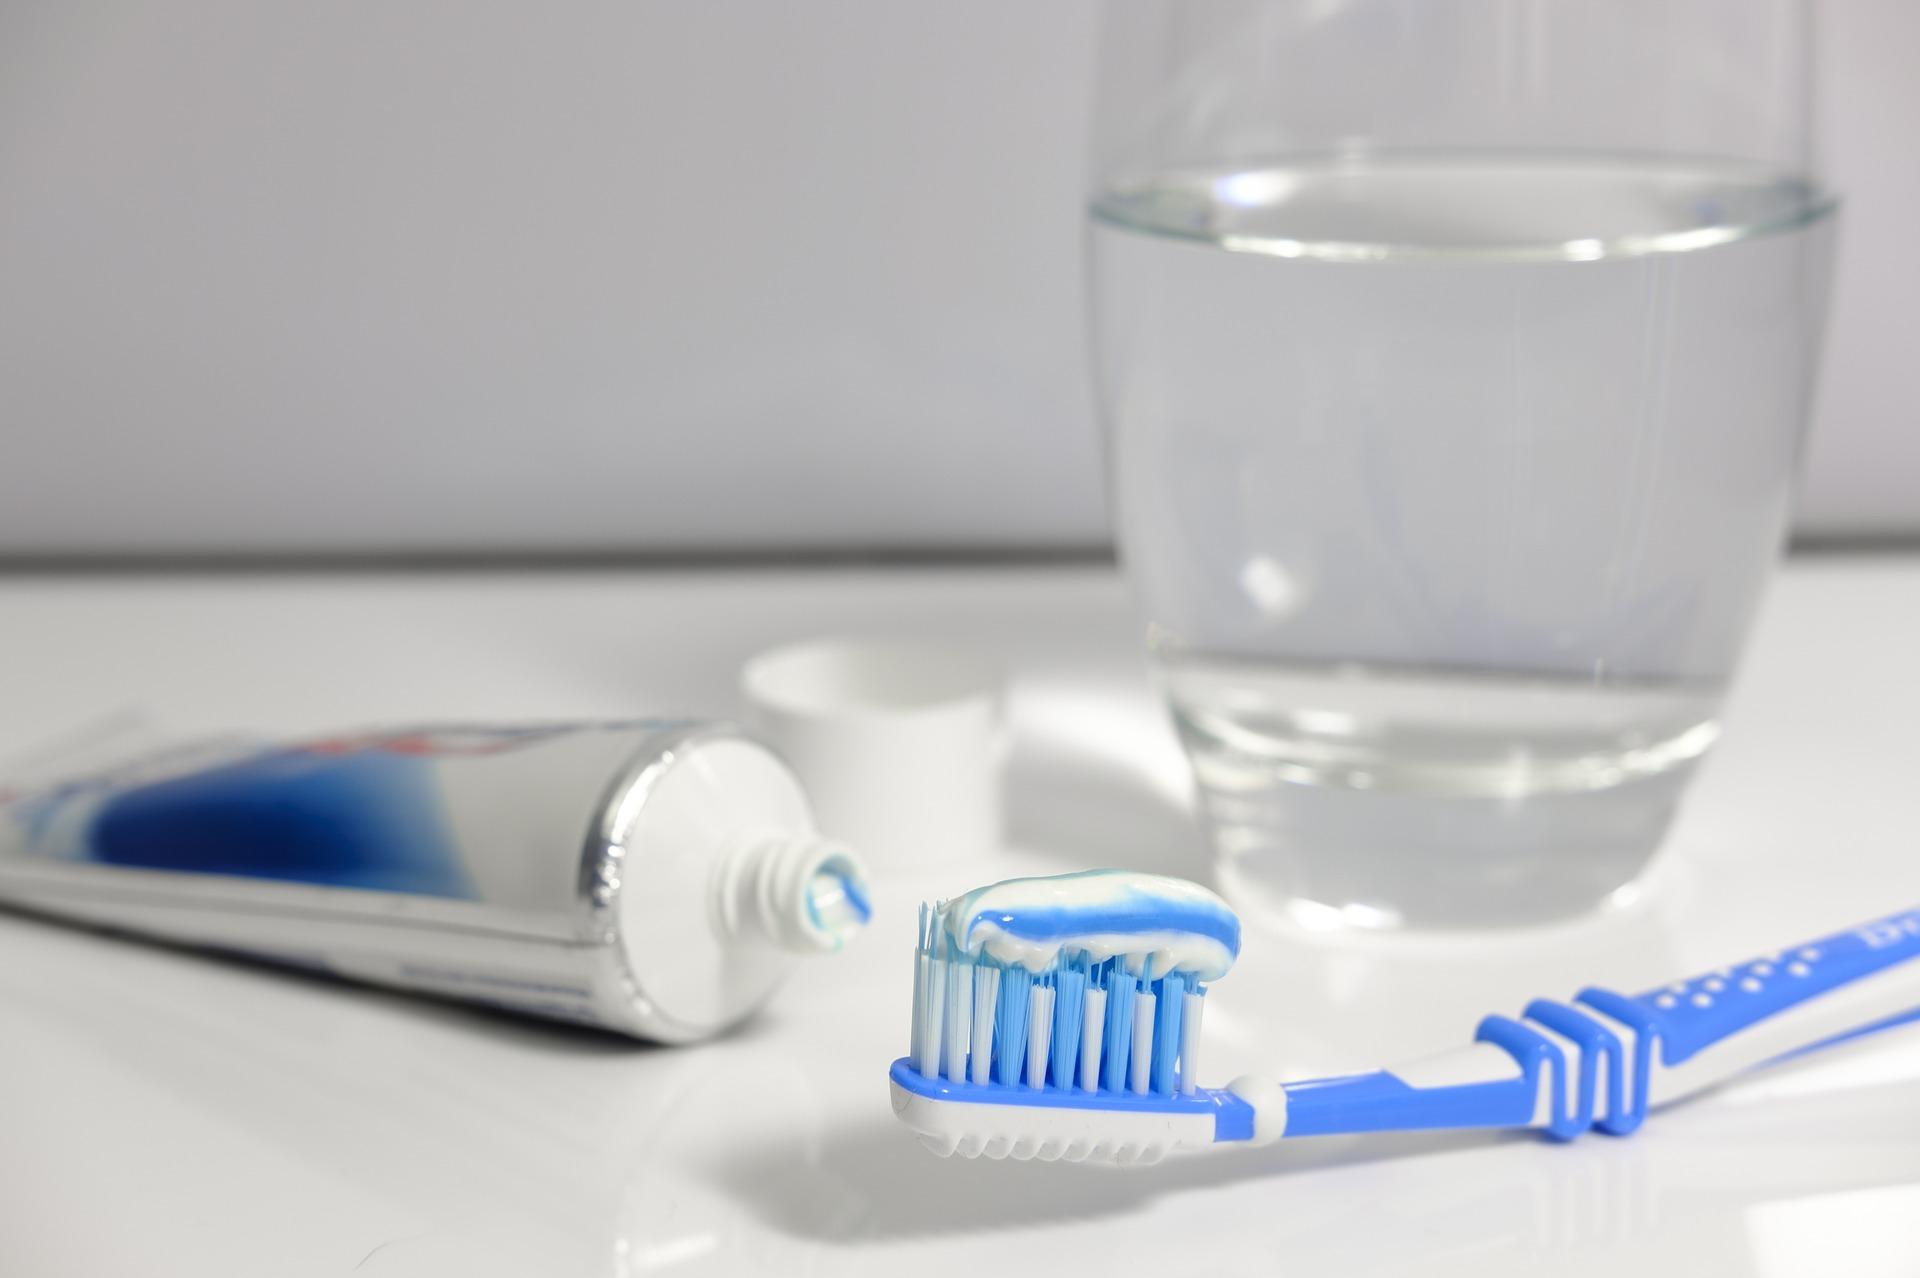 Beneficios de limpiar las joyas con pasta dental - Joyería Monton